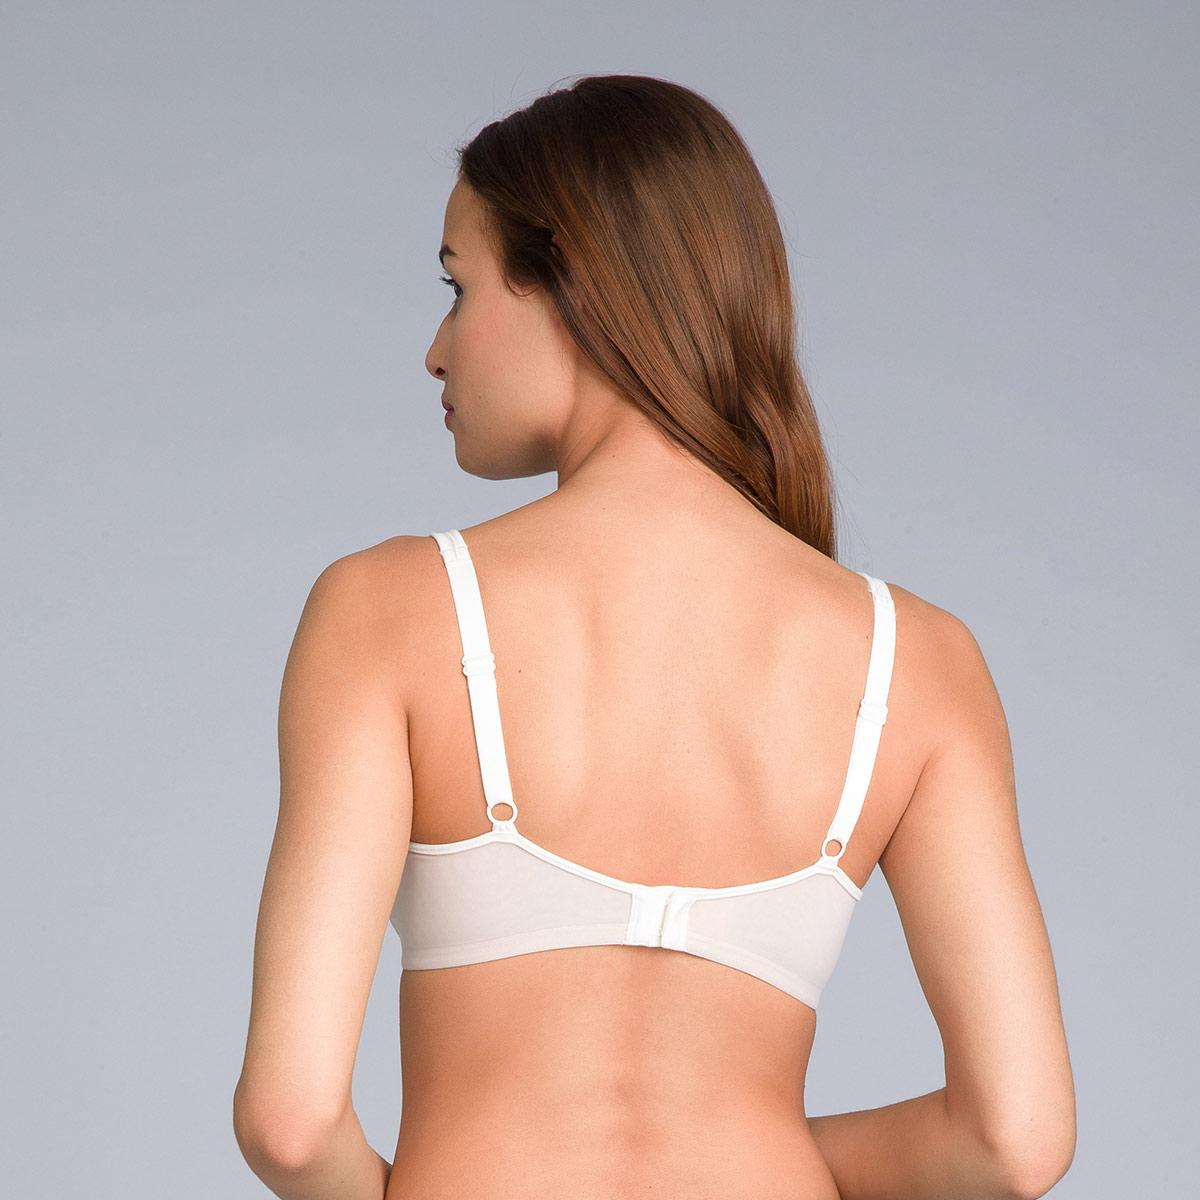 Minimiser bra in beige - Expert in Silhouette, , PLAYTEX